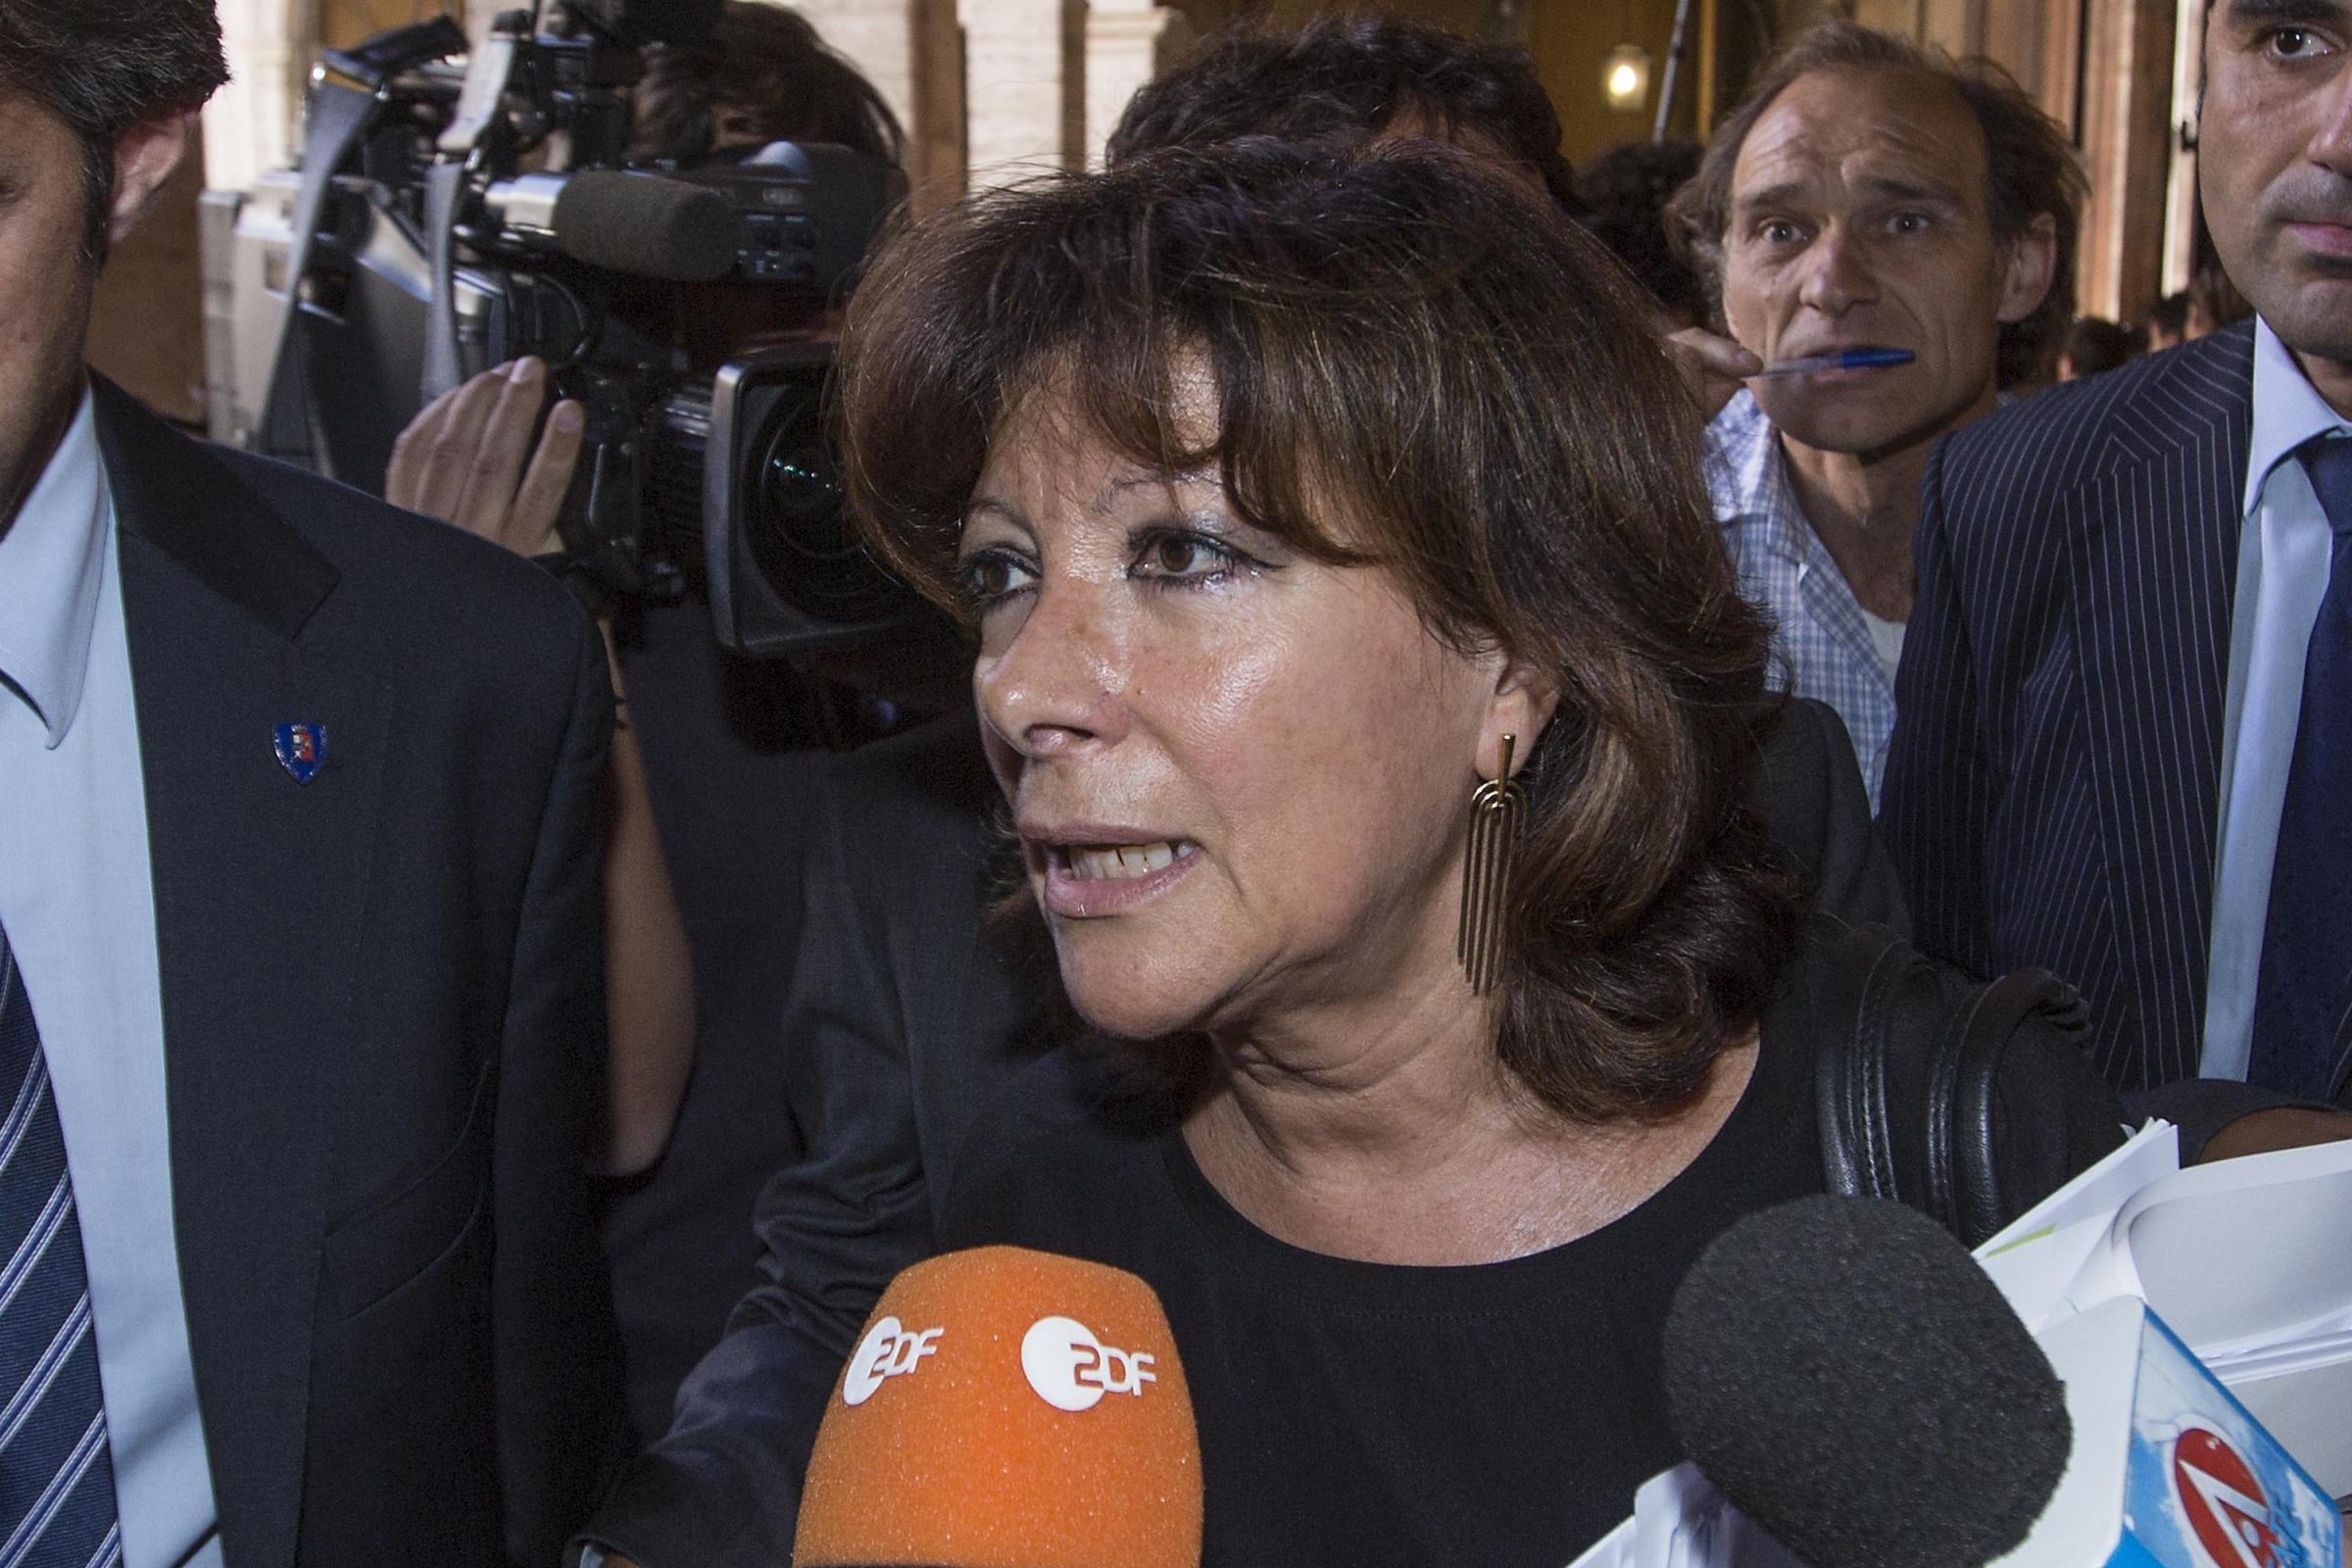 Consigliere M5s augura morte Berlusconi